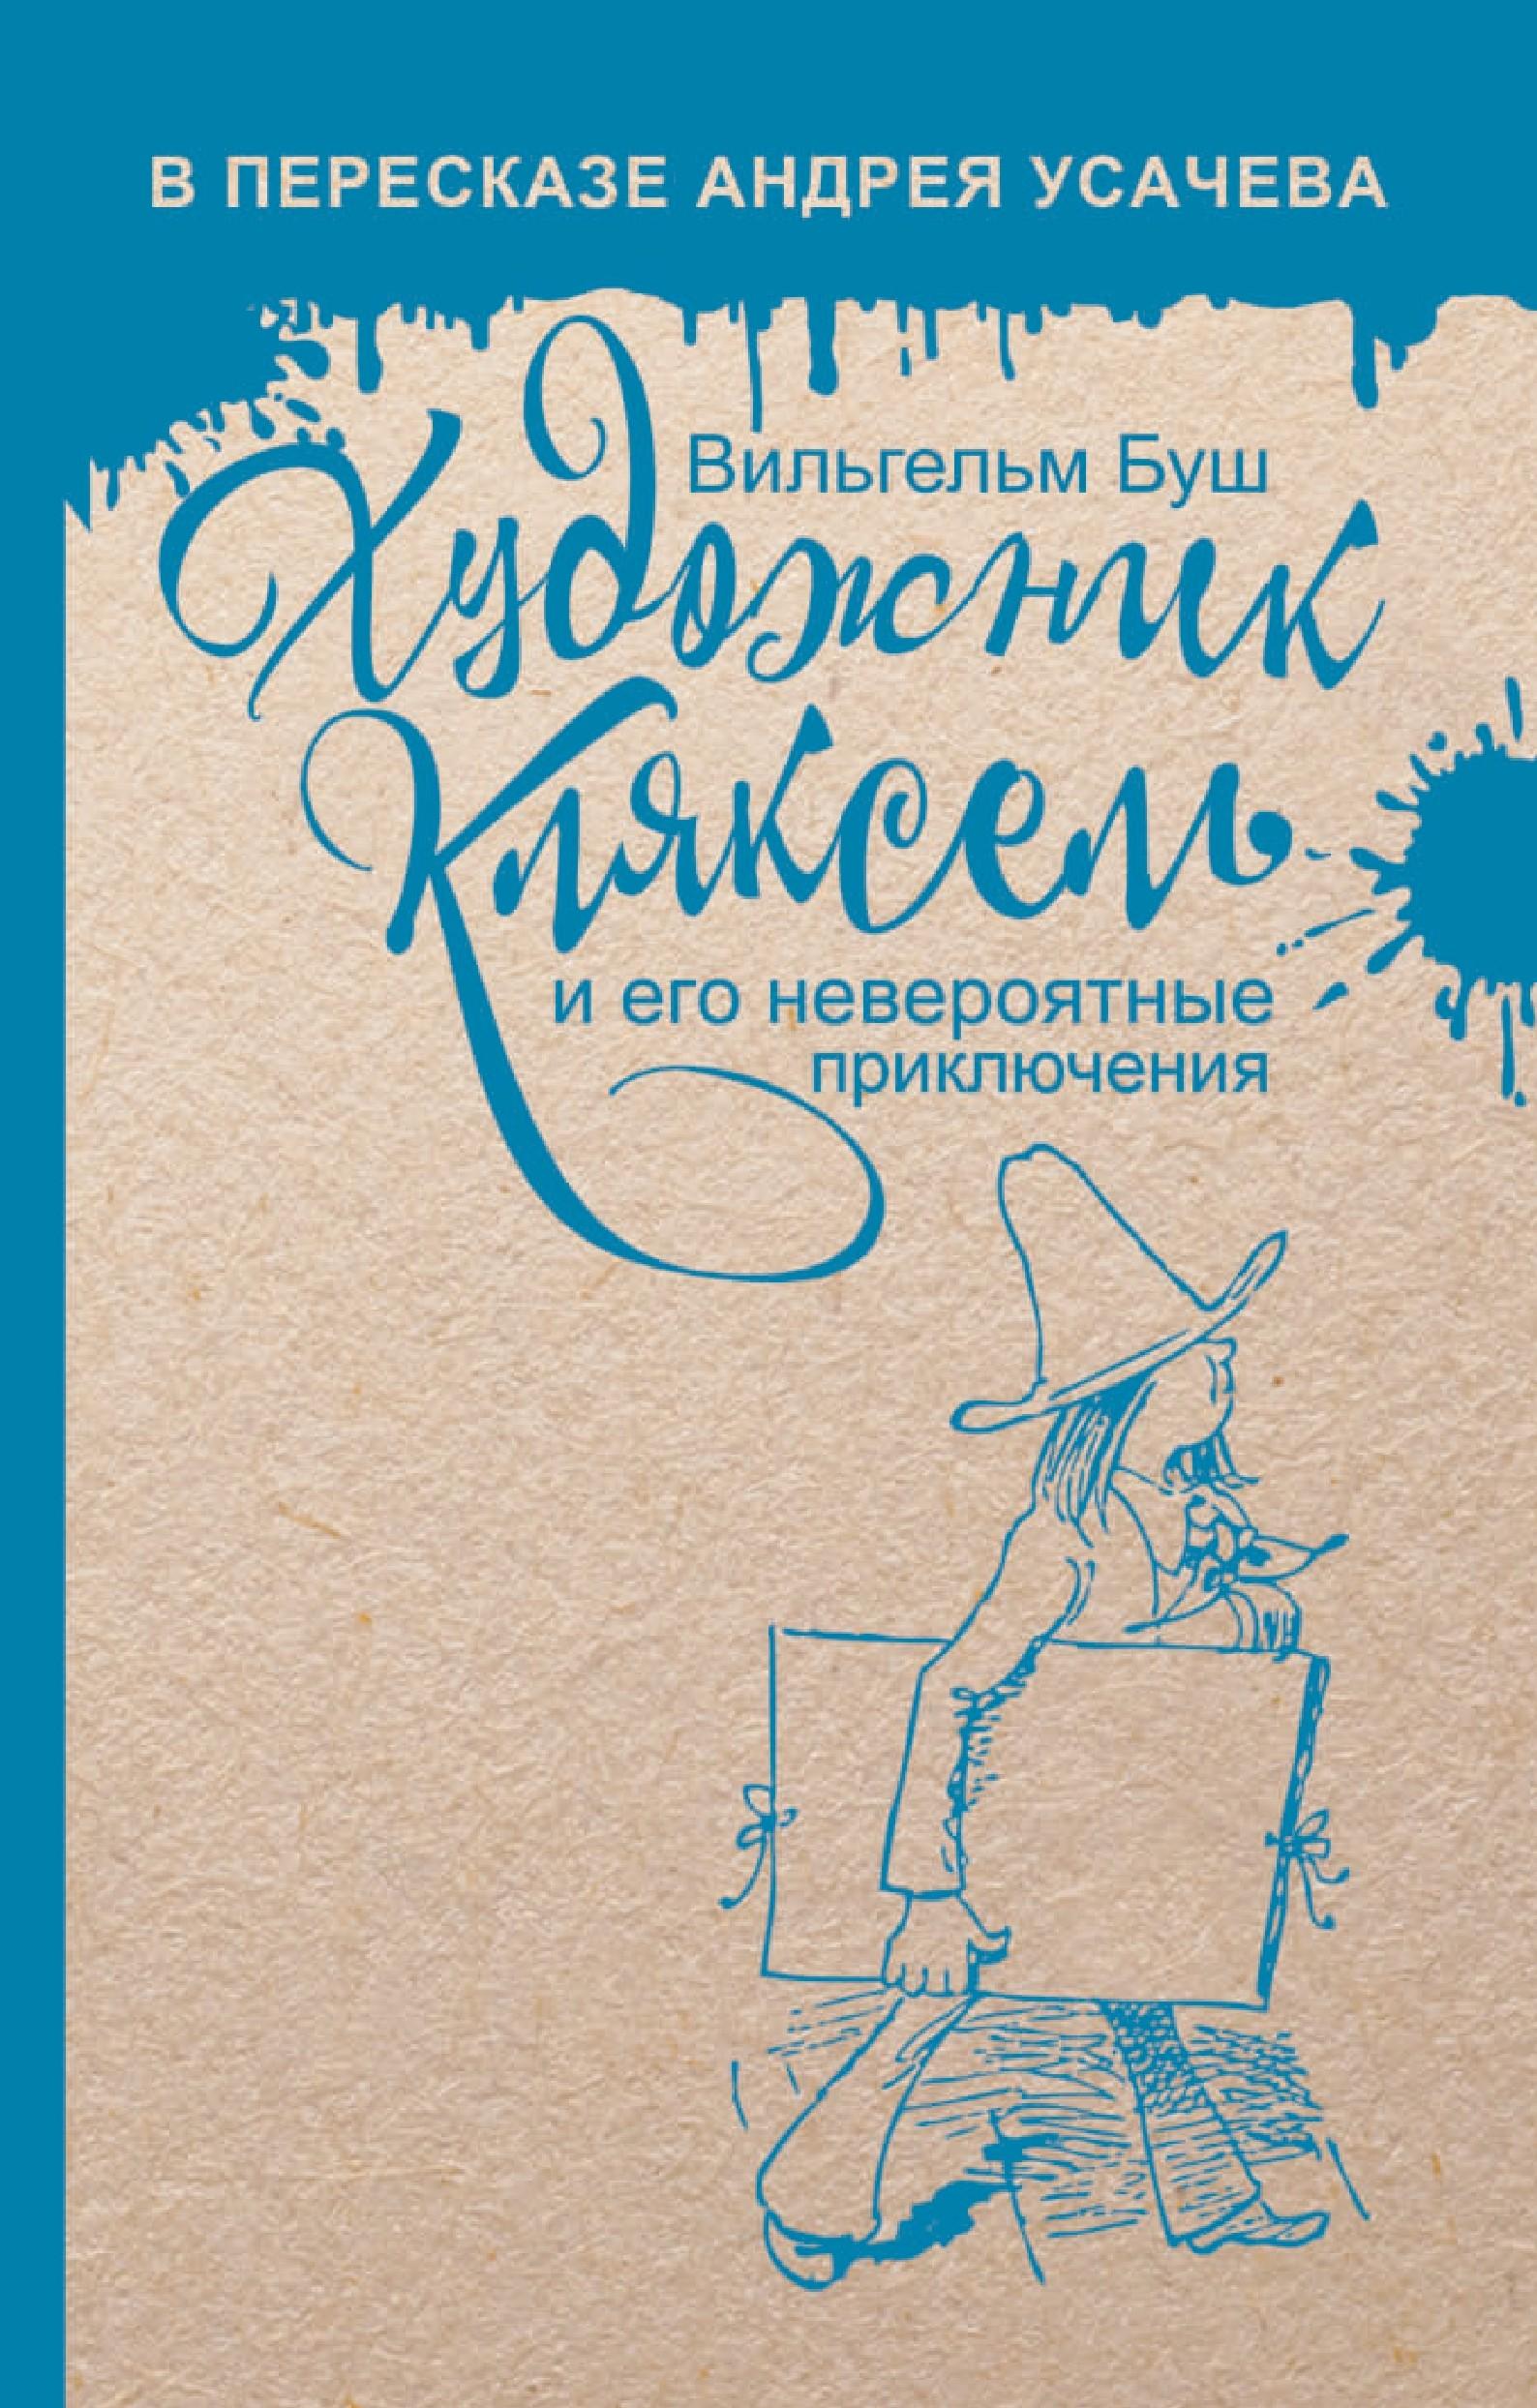 Купить книгу Художник Кляксель, автора Вильгельма Буша